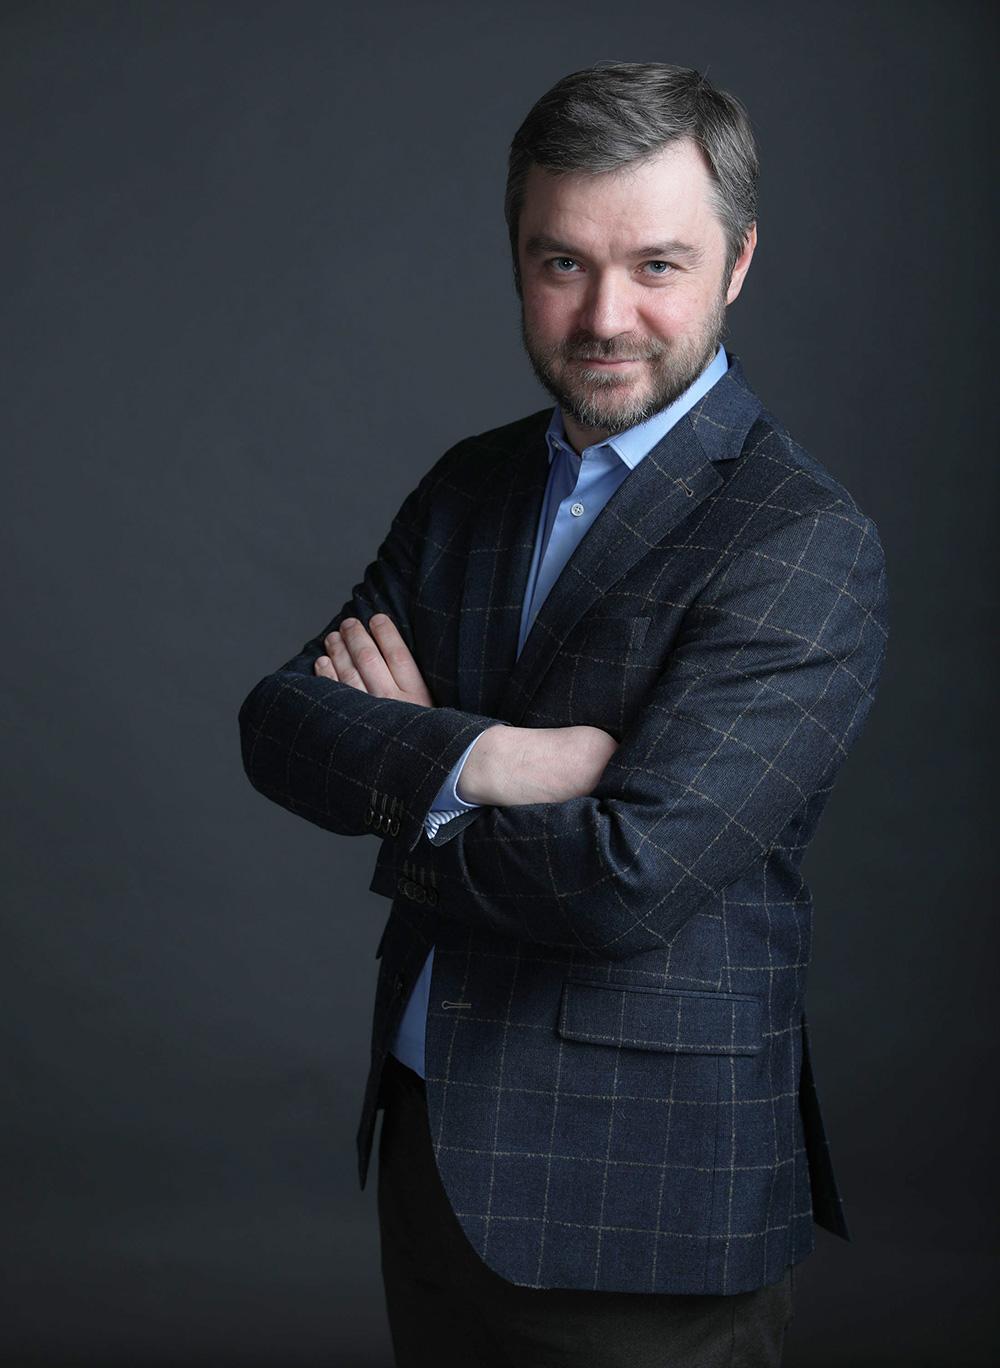 Николай Дмитриев фото